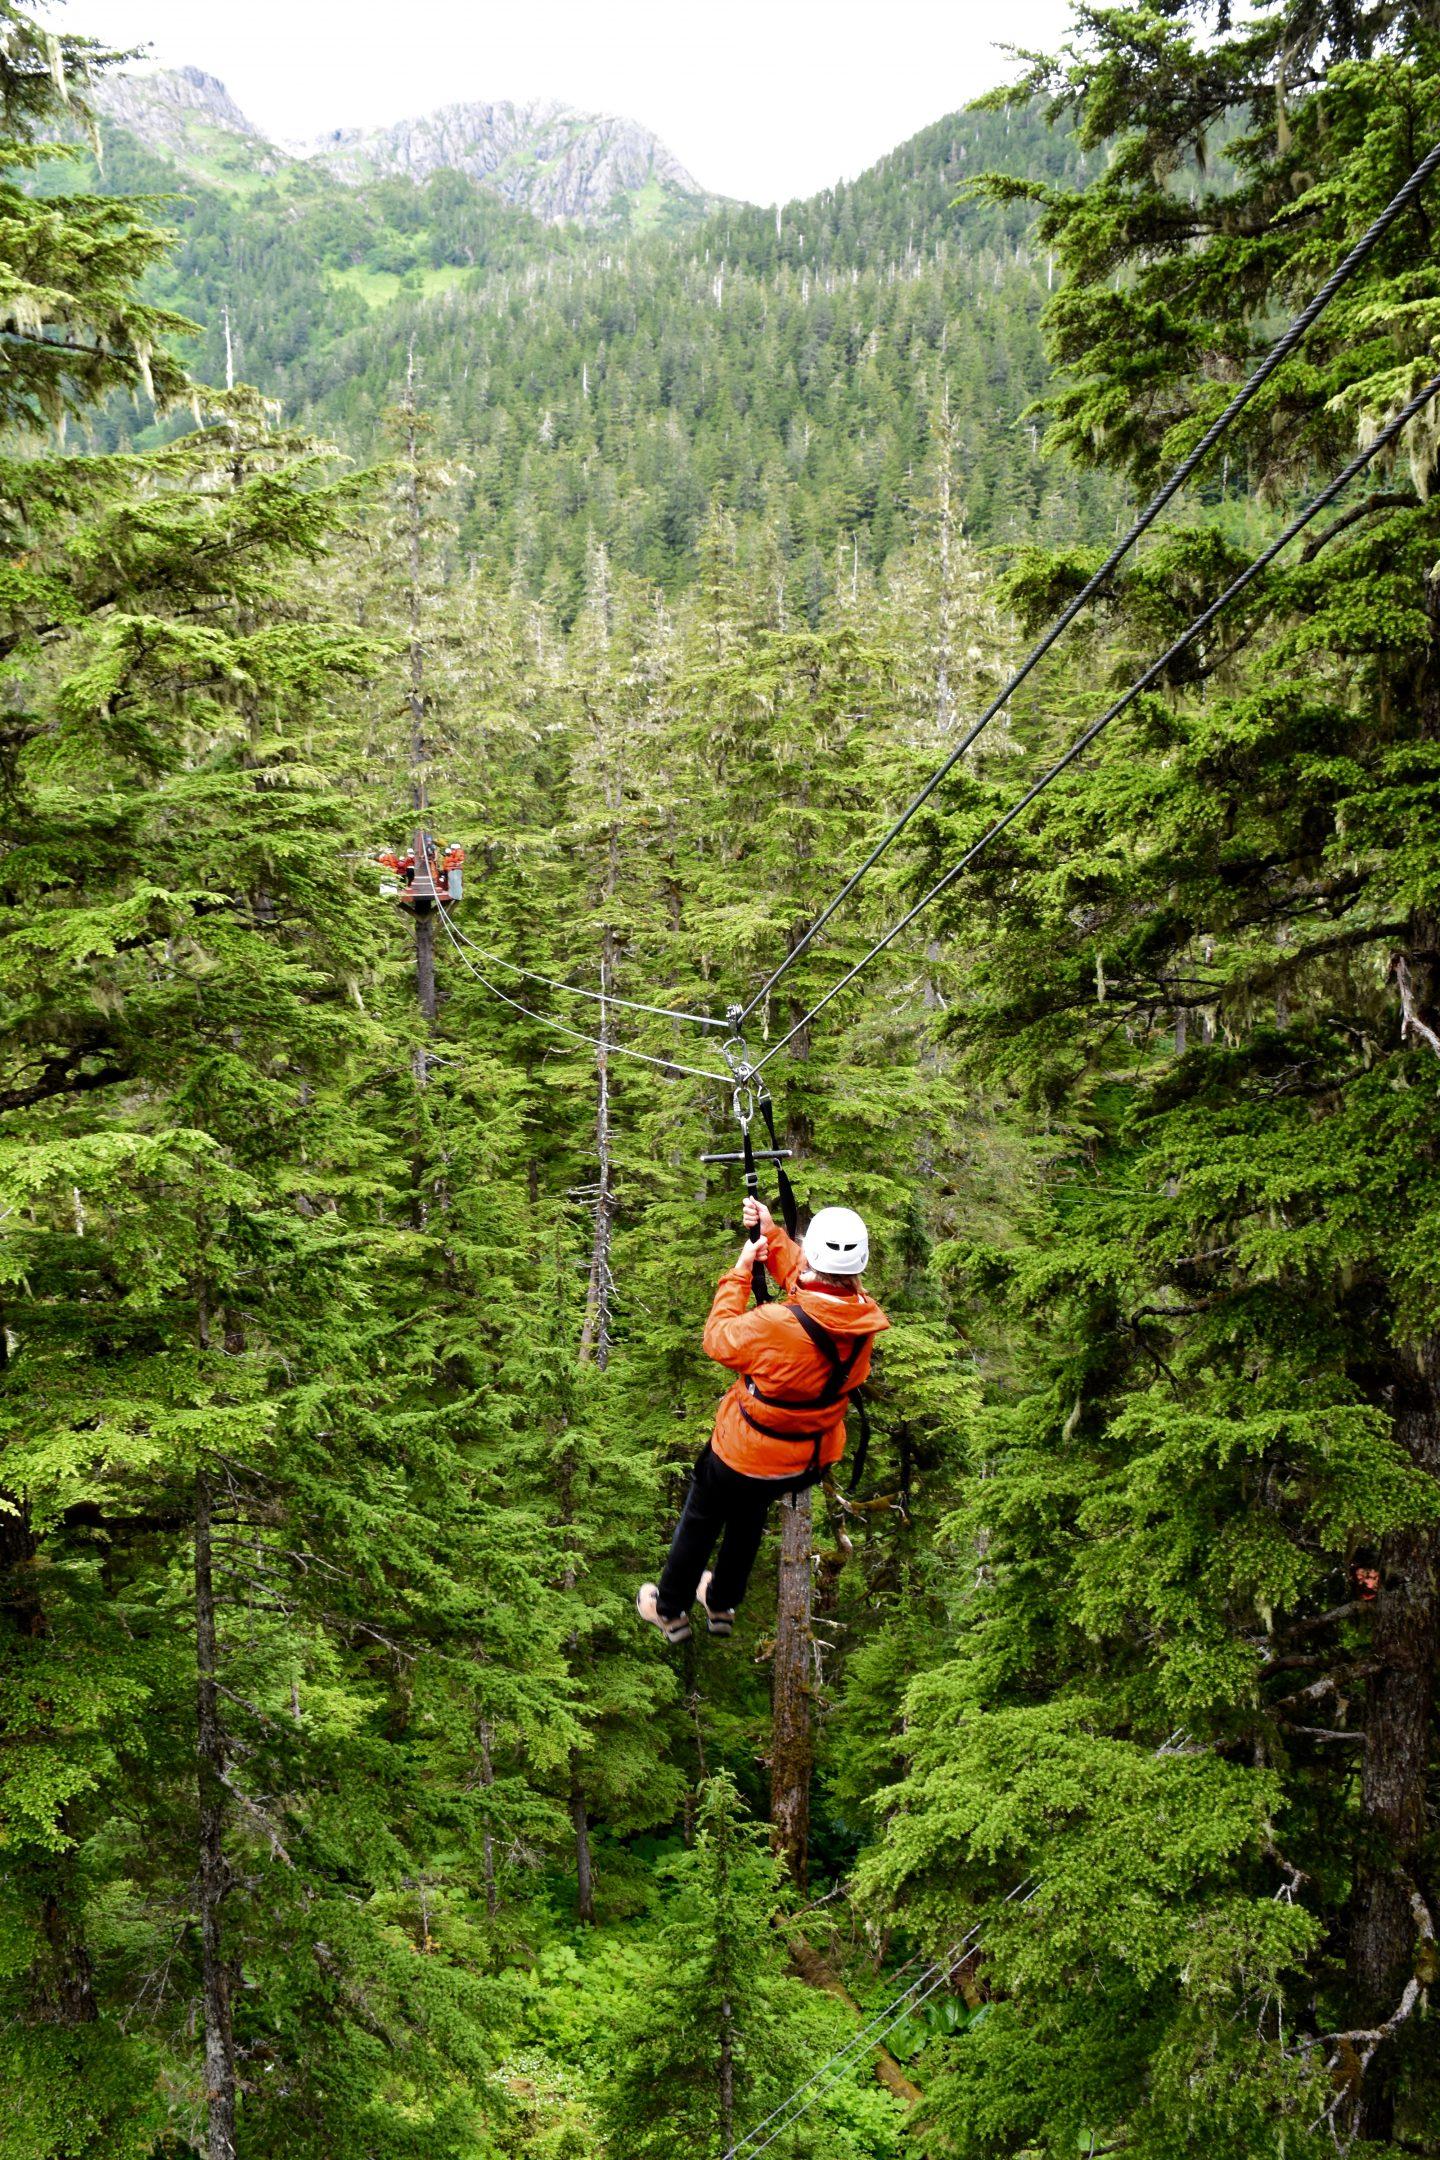 Alaska S Ultimate Canopy Amp Zipline Expedition Juneau True Alaskan Tours